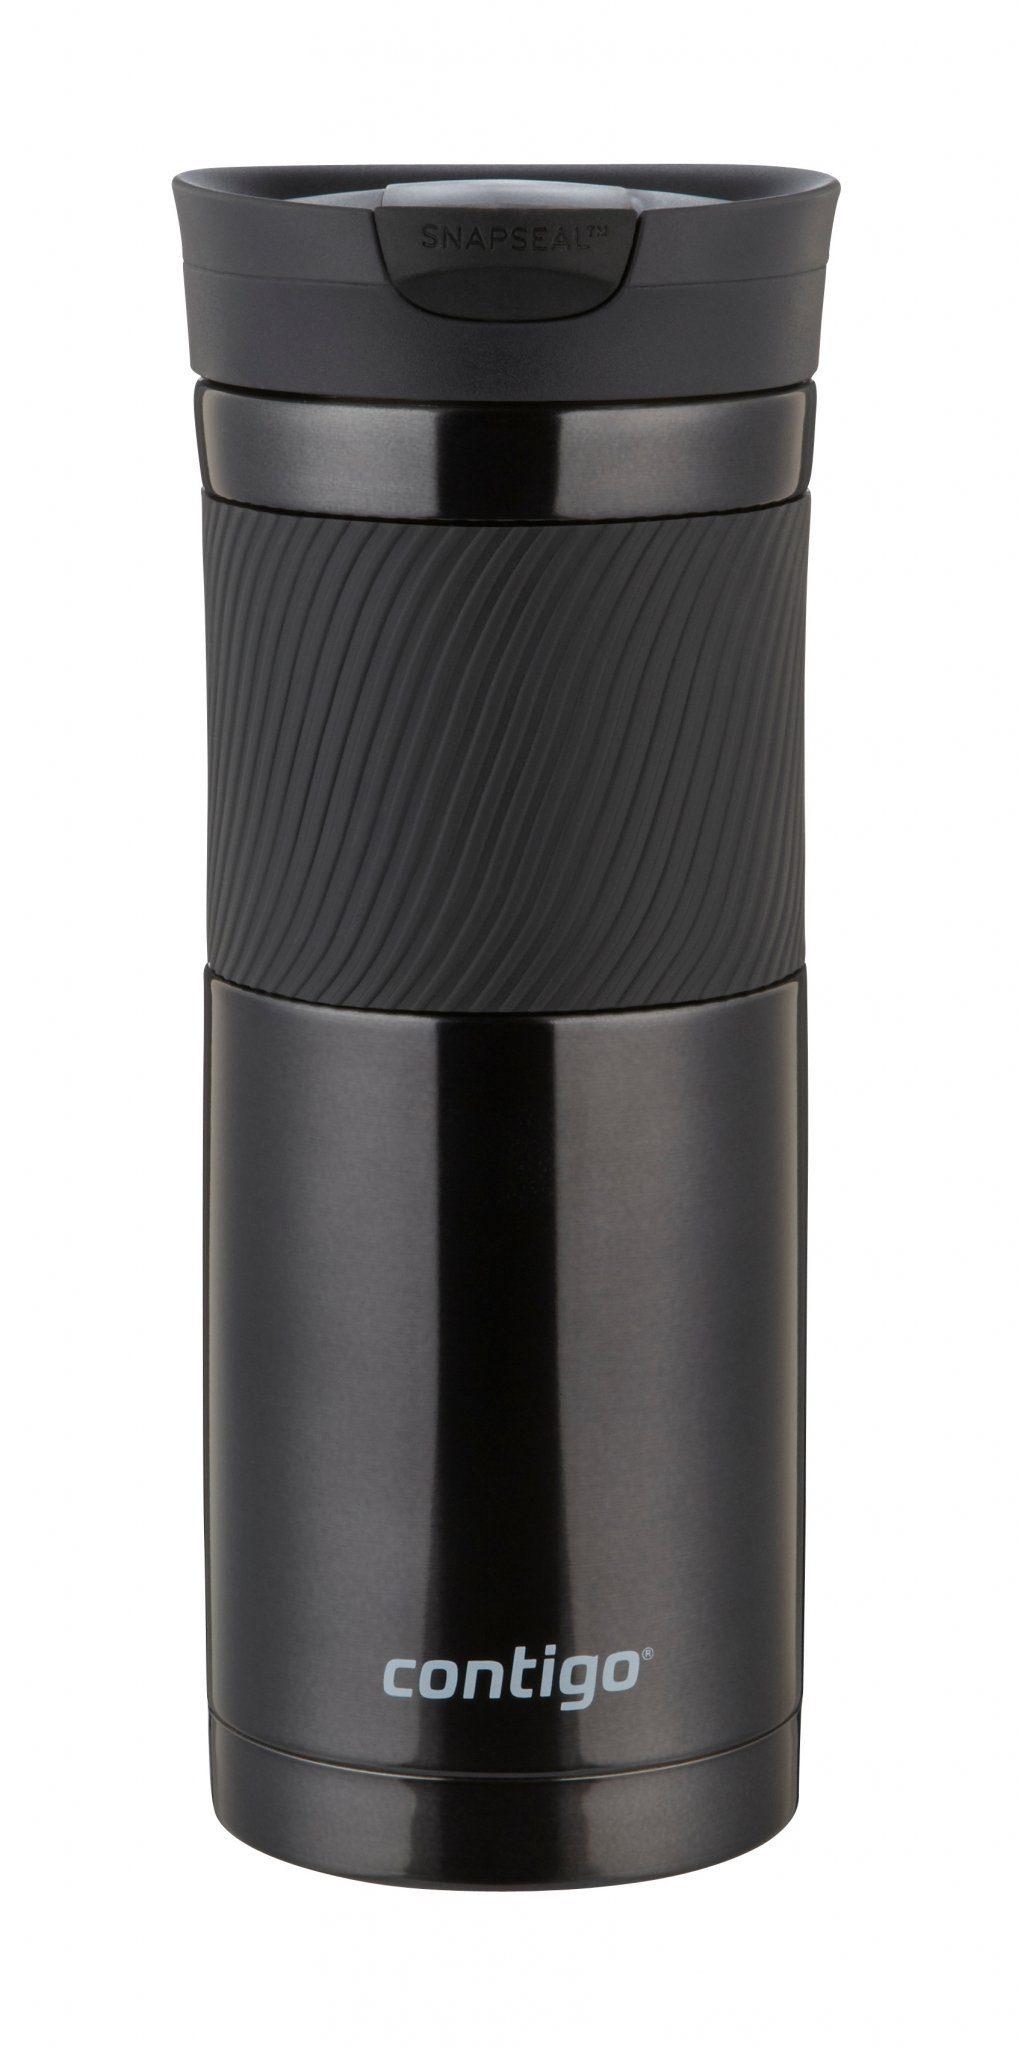 Contigo Trinkflasche »Snapseal Byron 20 Insulated Mug 590ml«